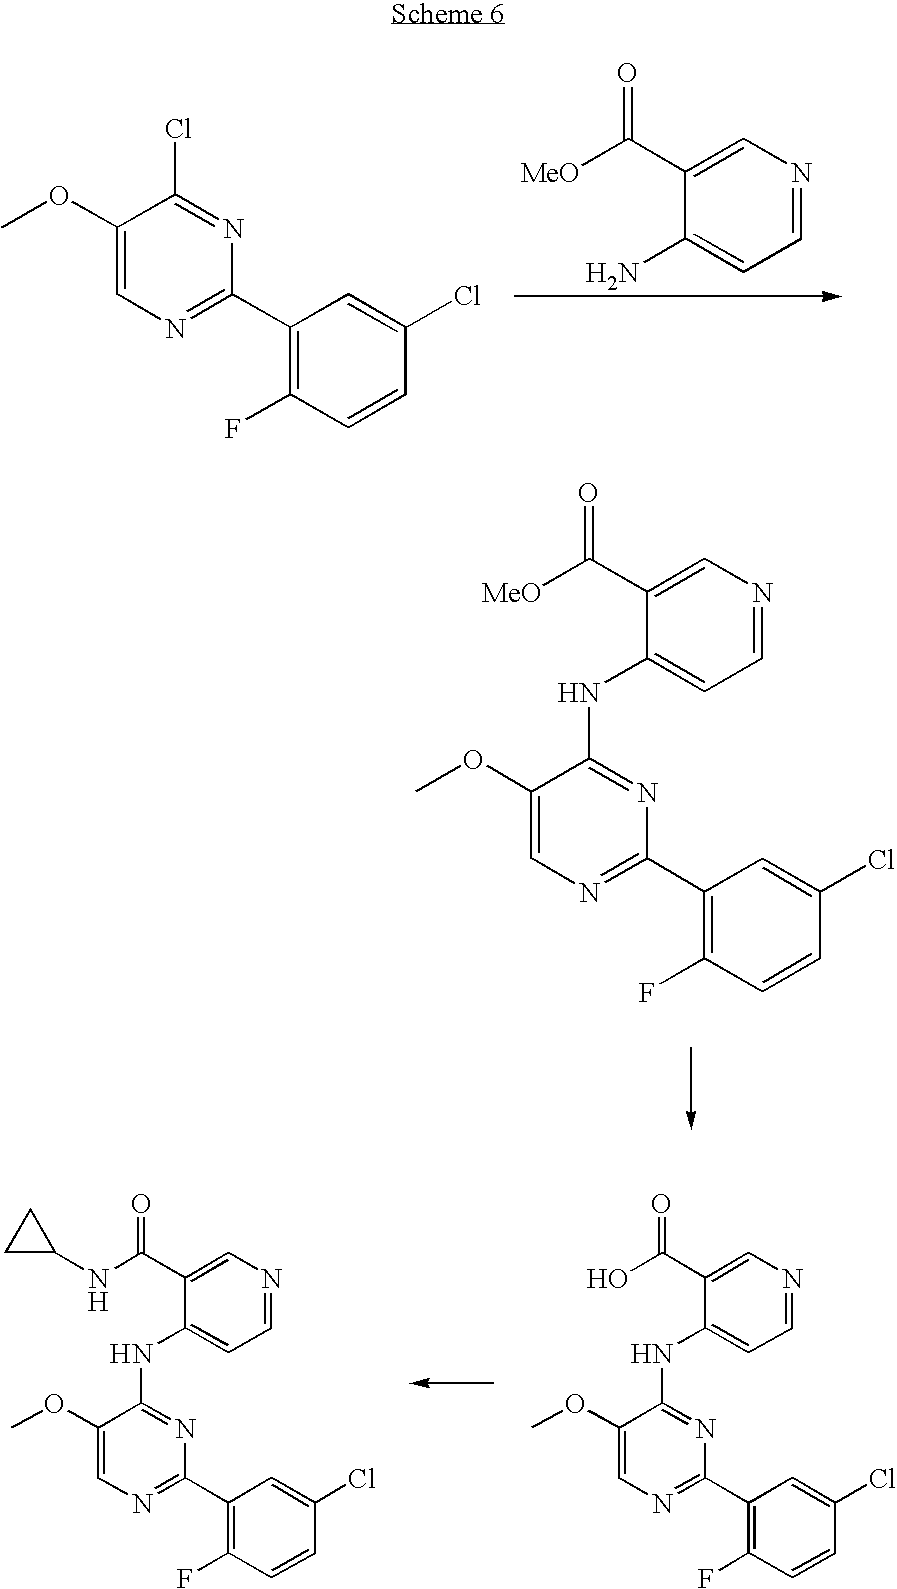 Figure US20060281763A1-20061214-C00007